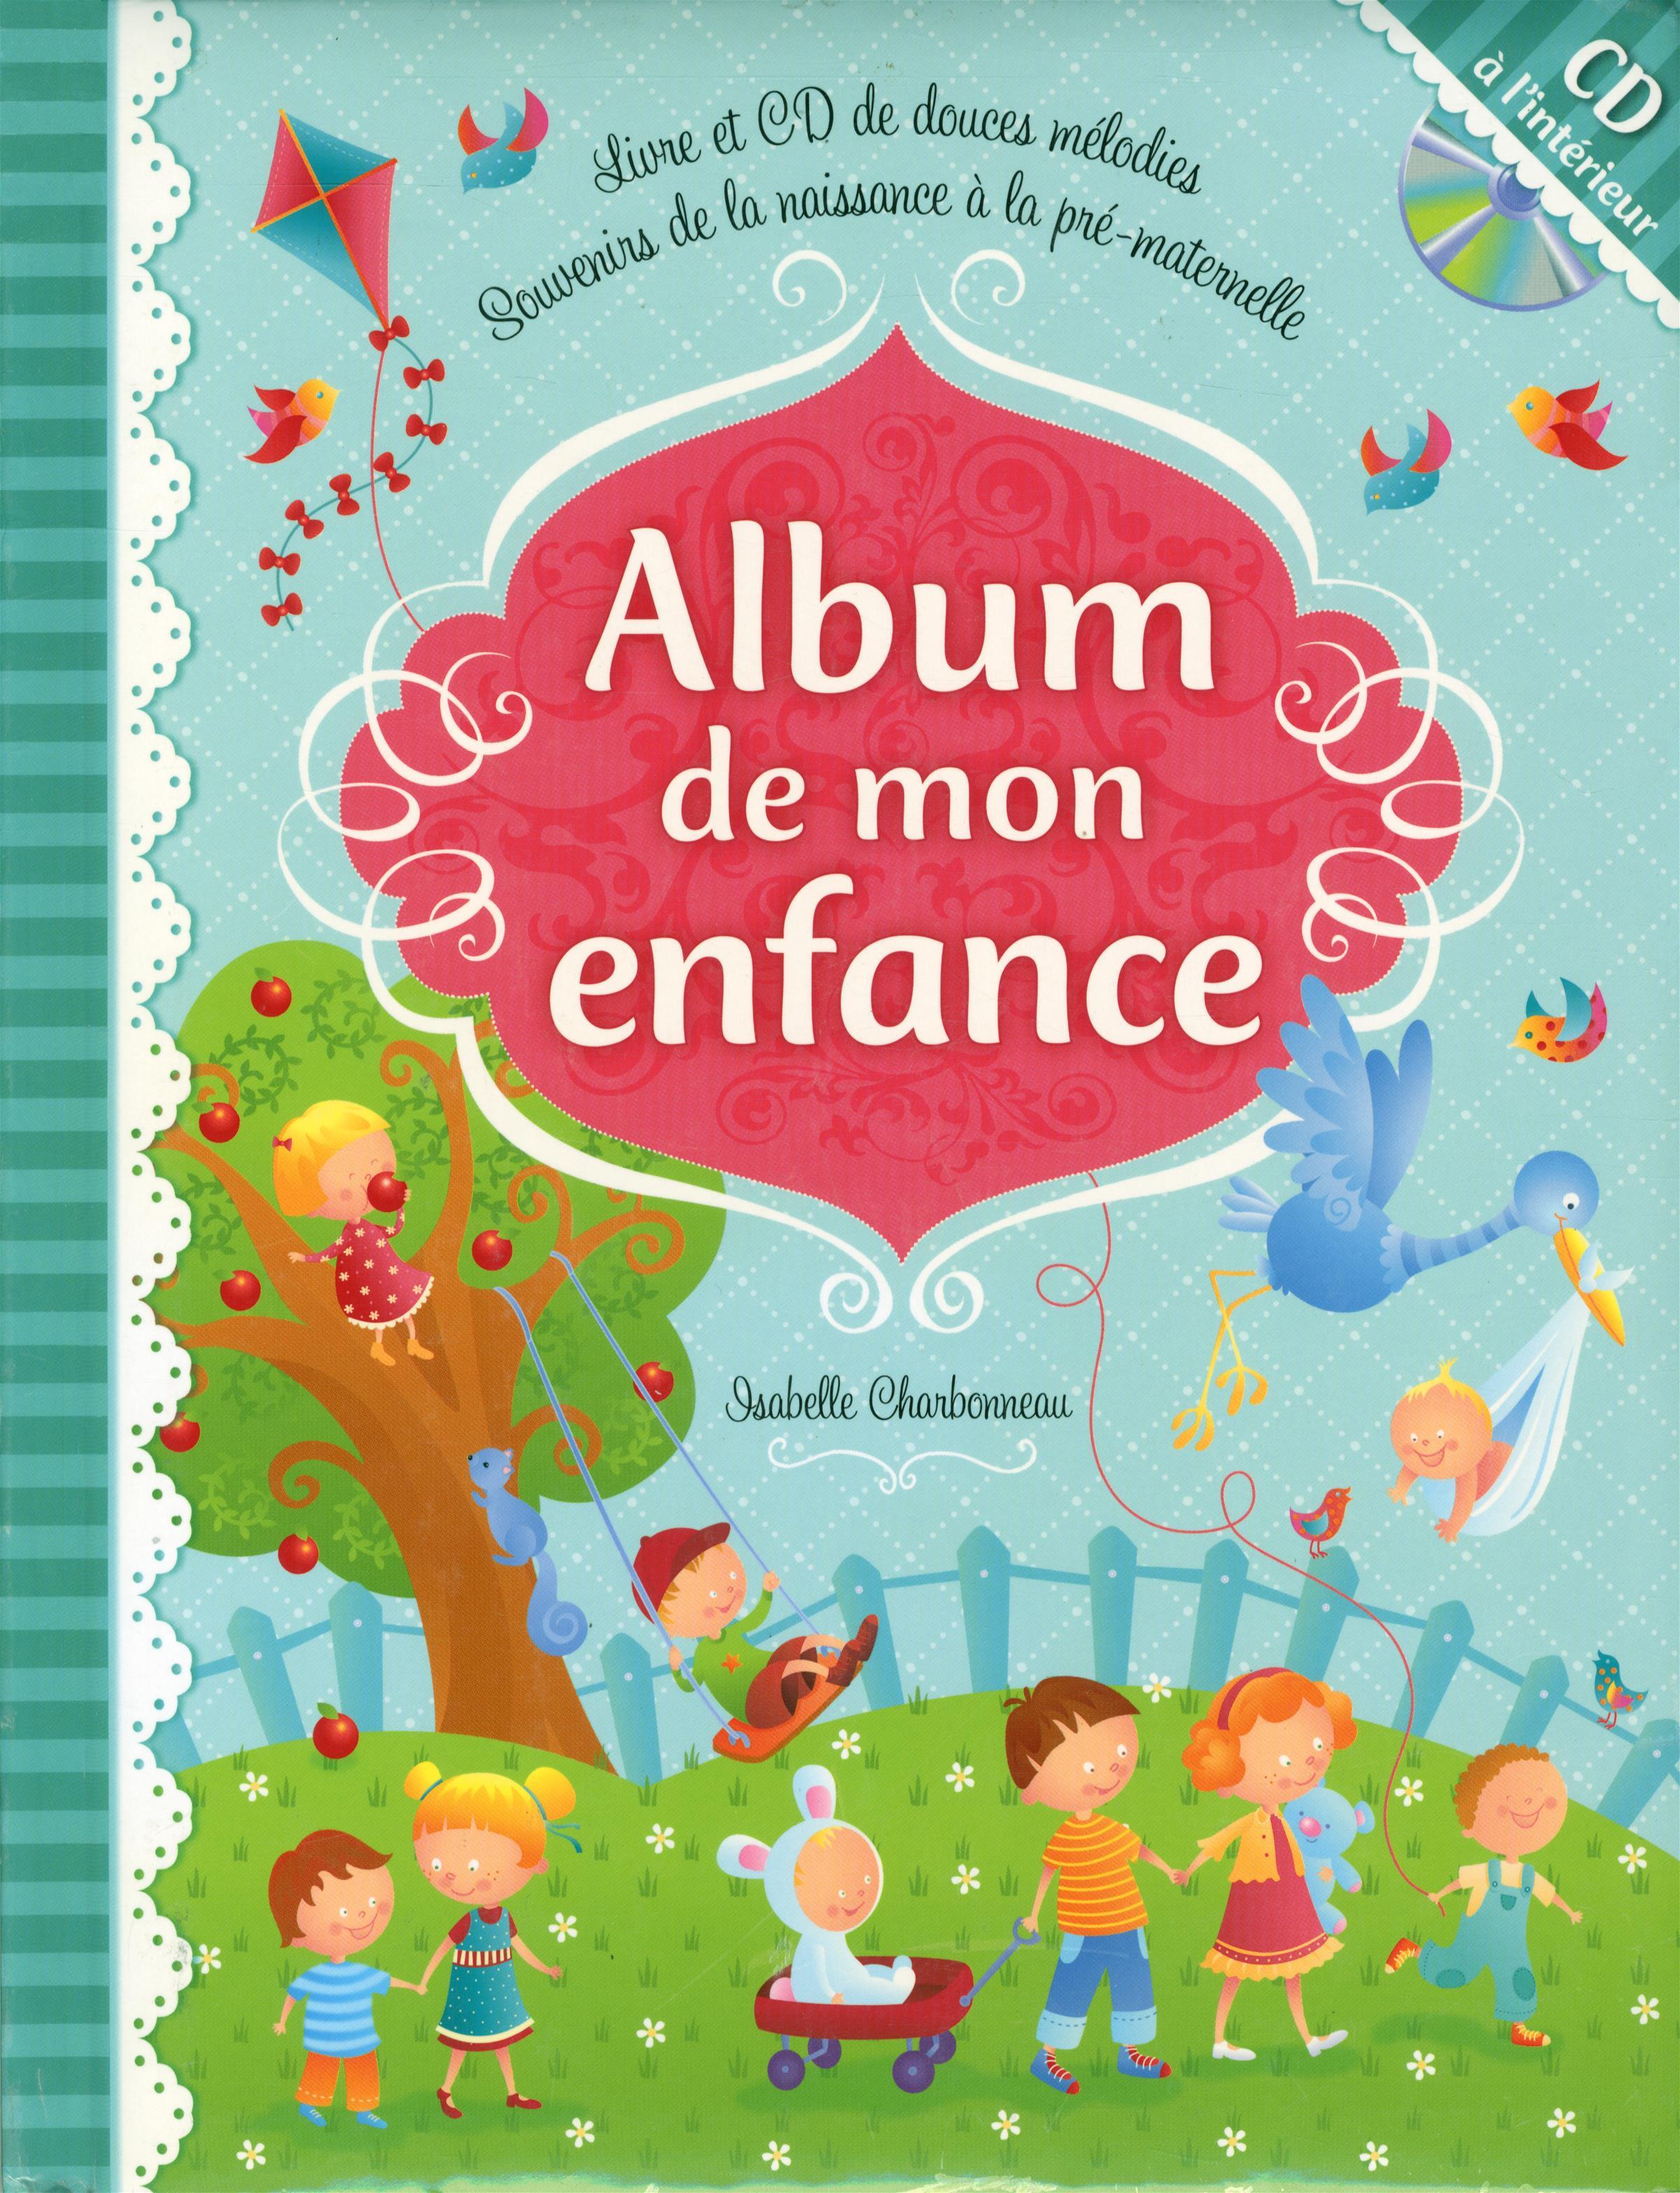 Livre Album De Mon Enfance Livre Et Cd De Douces Melodies